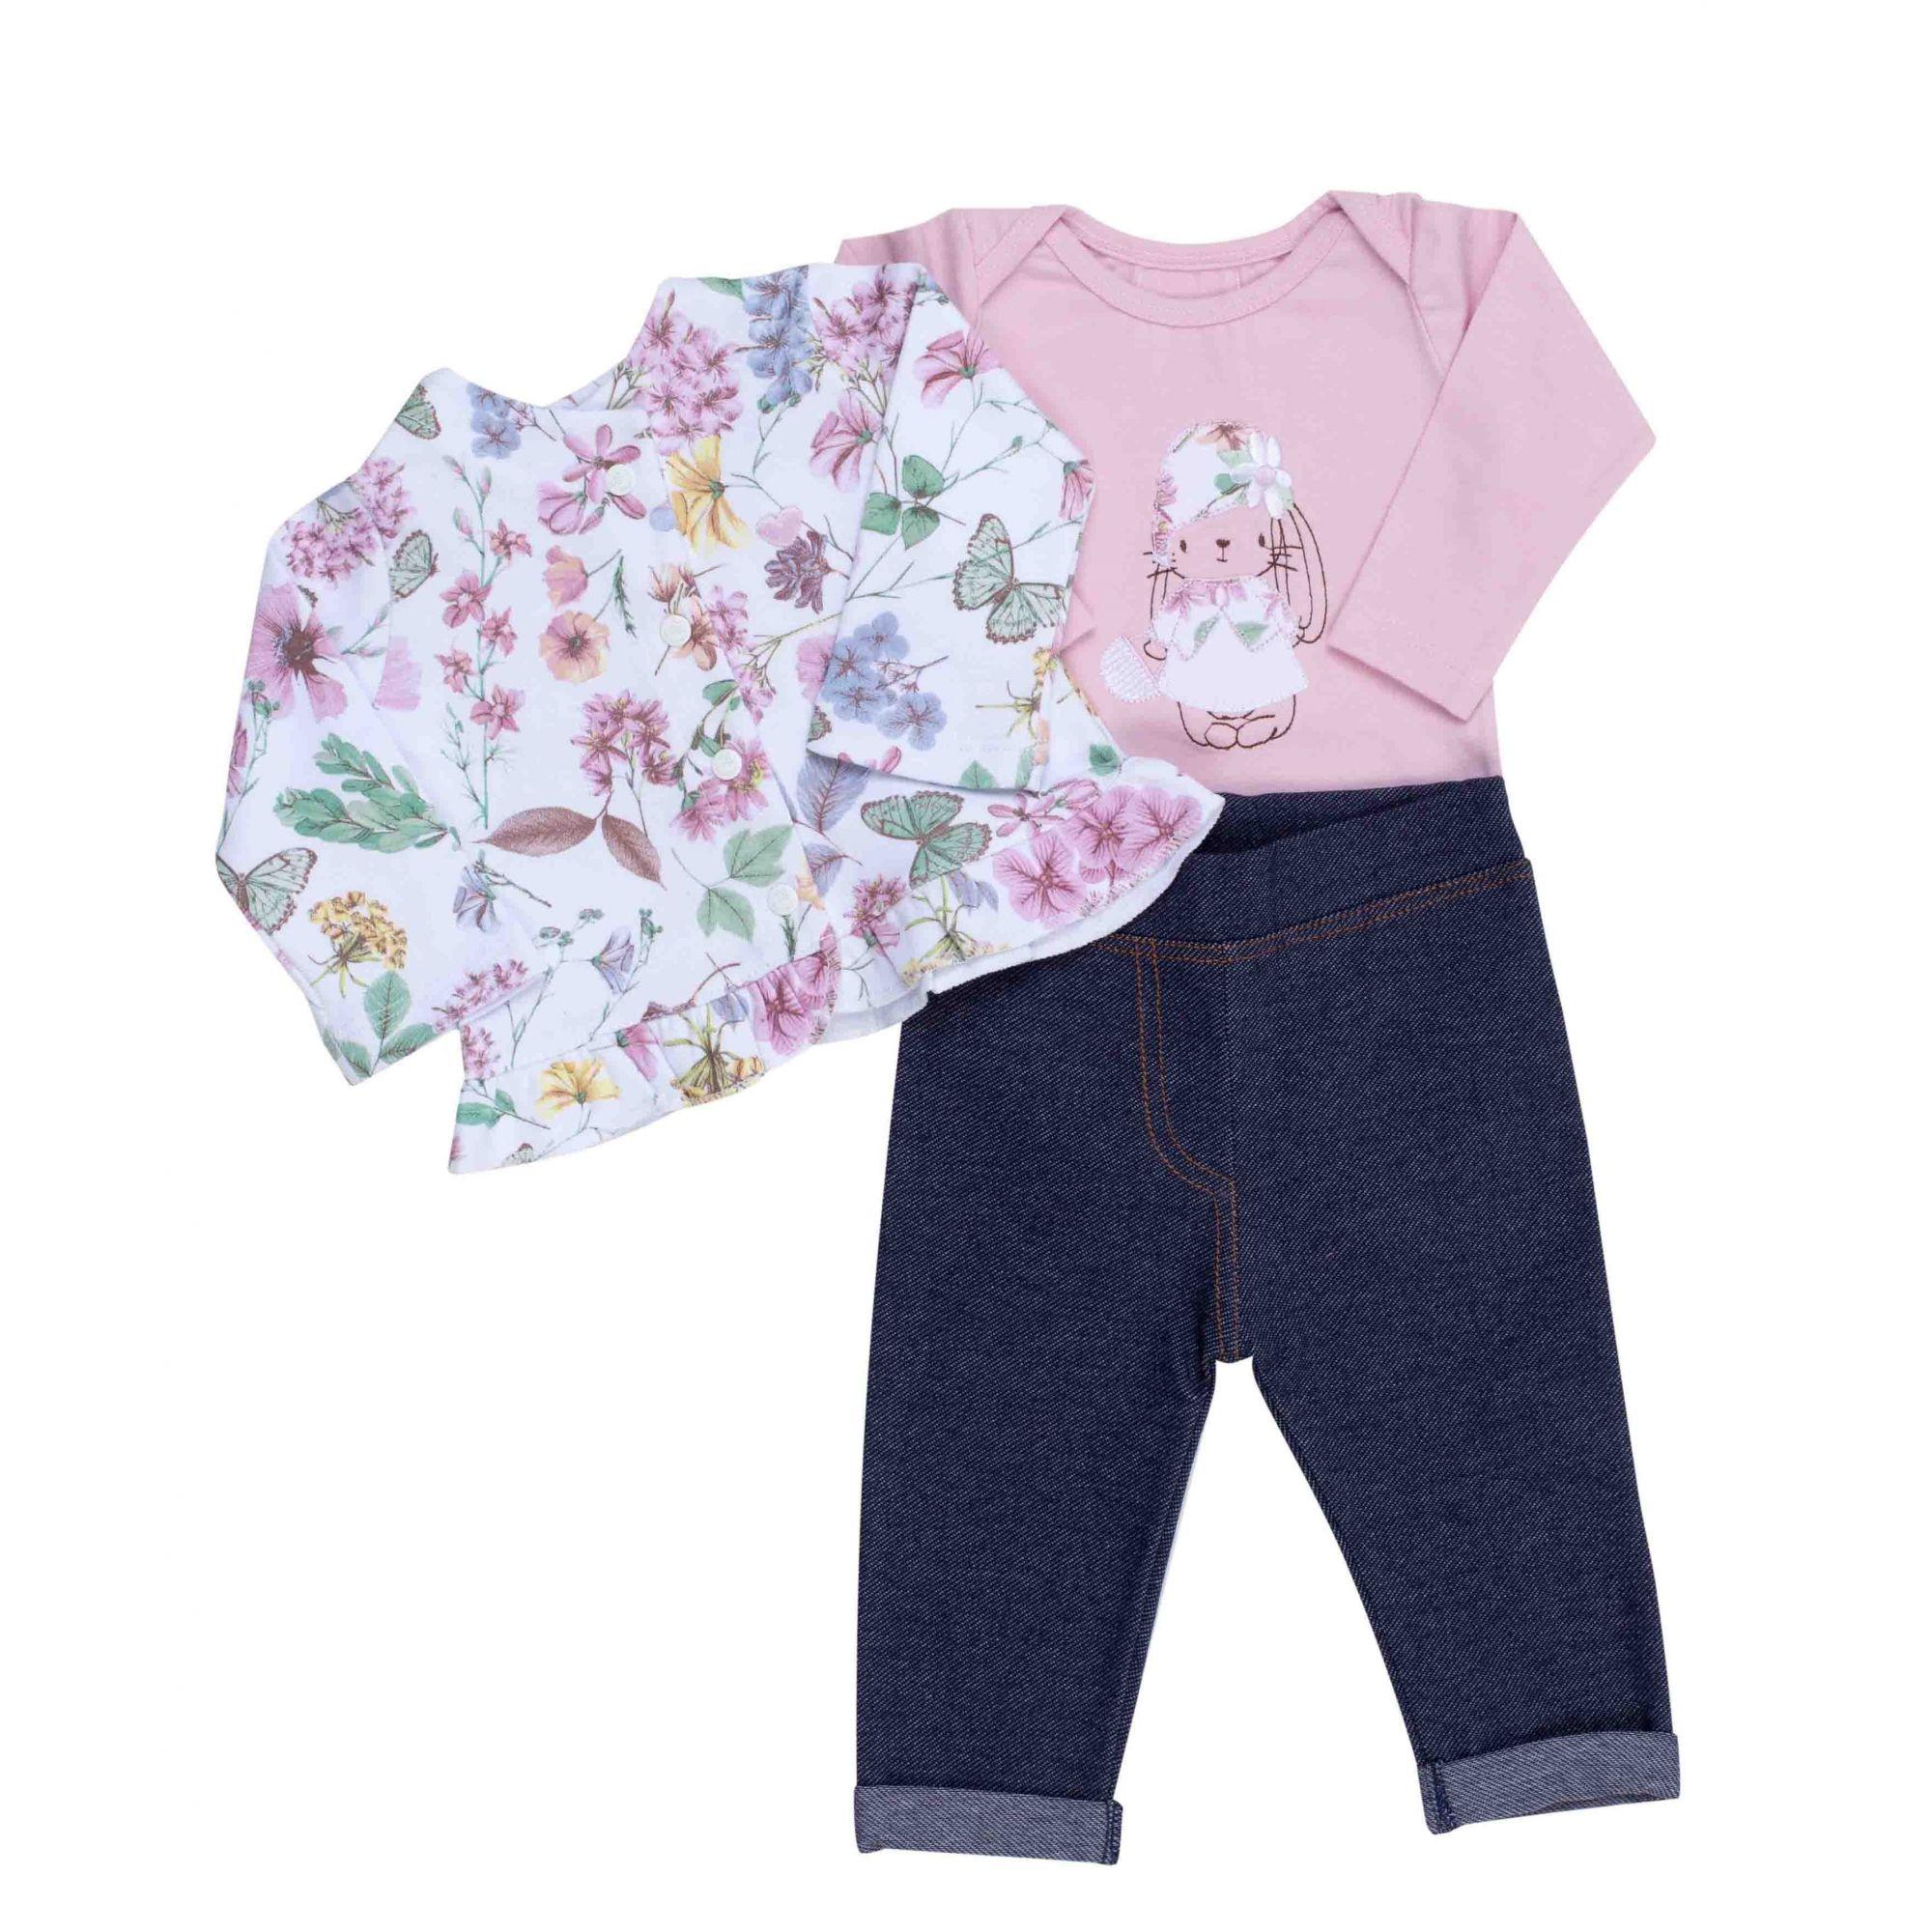 Conjunto Coquelicot  3 peças Body, Casaco, Calça Legging Jeans Coelhinha Rosa Floral